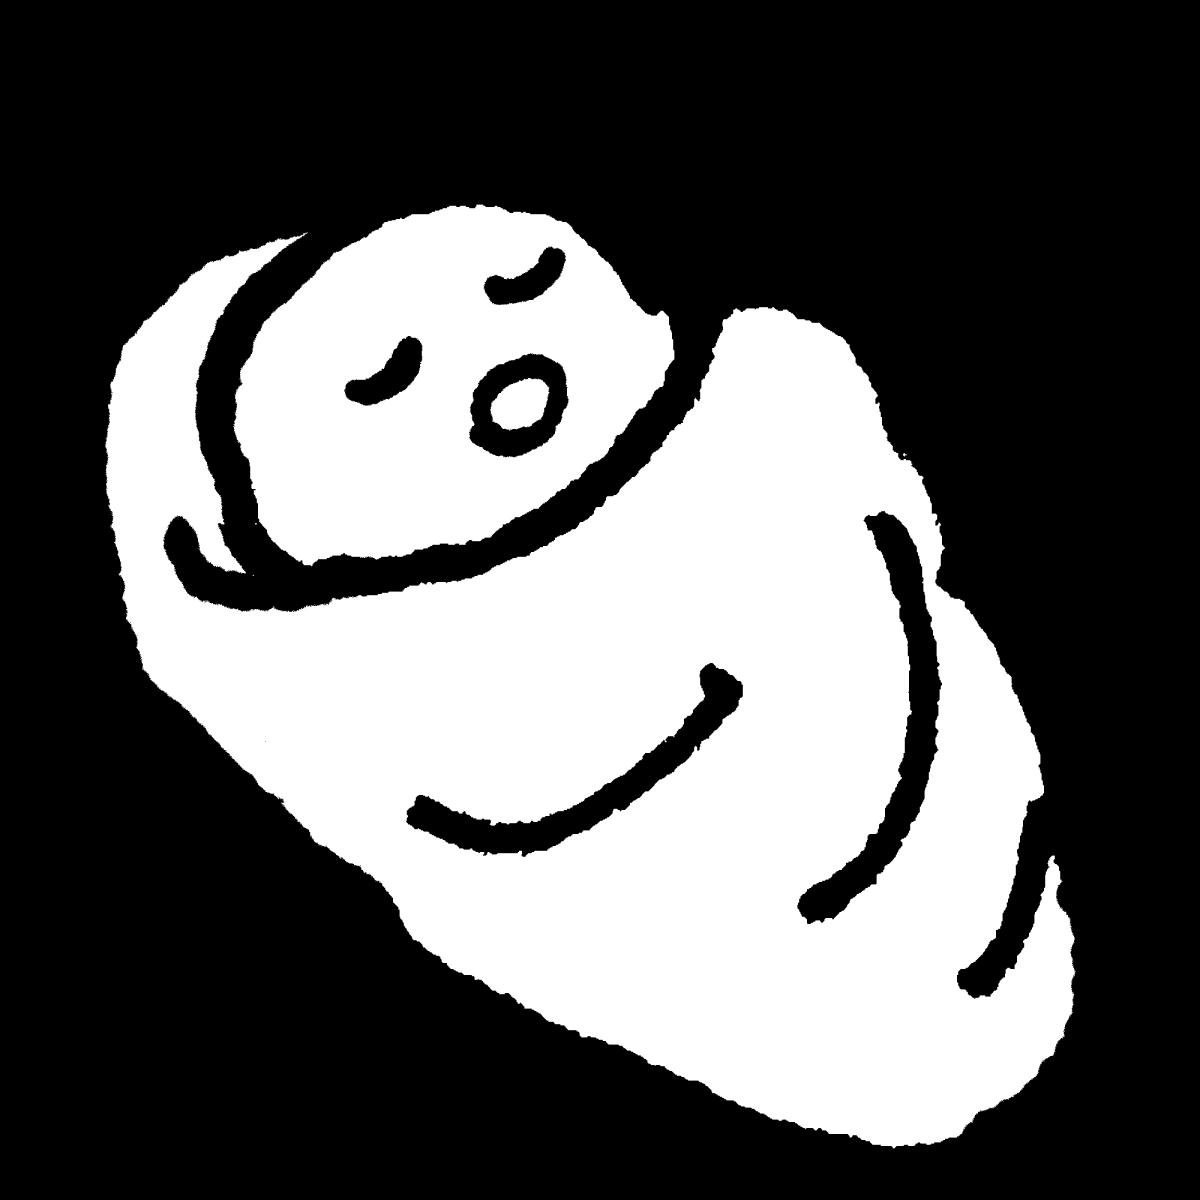 おくるみで寝る赤ちゃんのイラスト / A baby who sleeps in a swaddling blanket Illustration